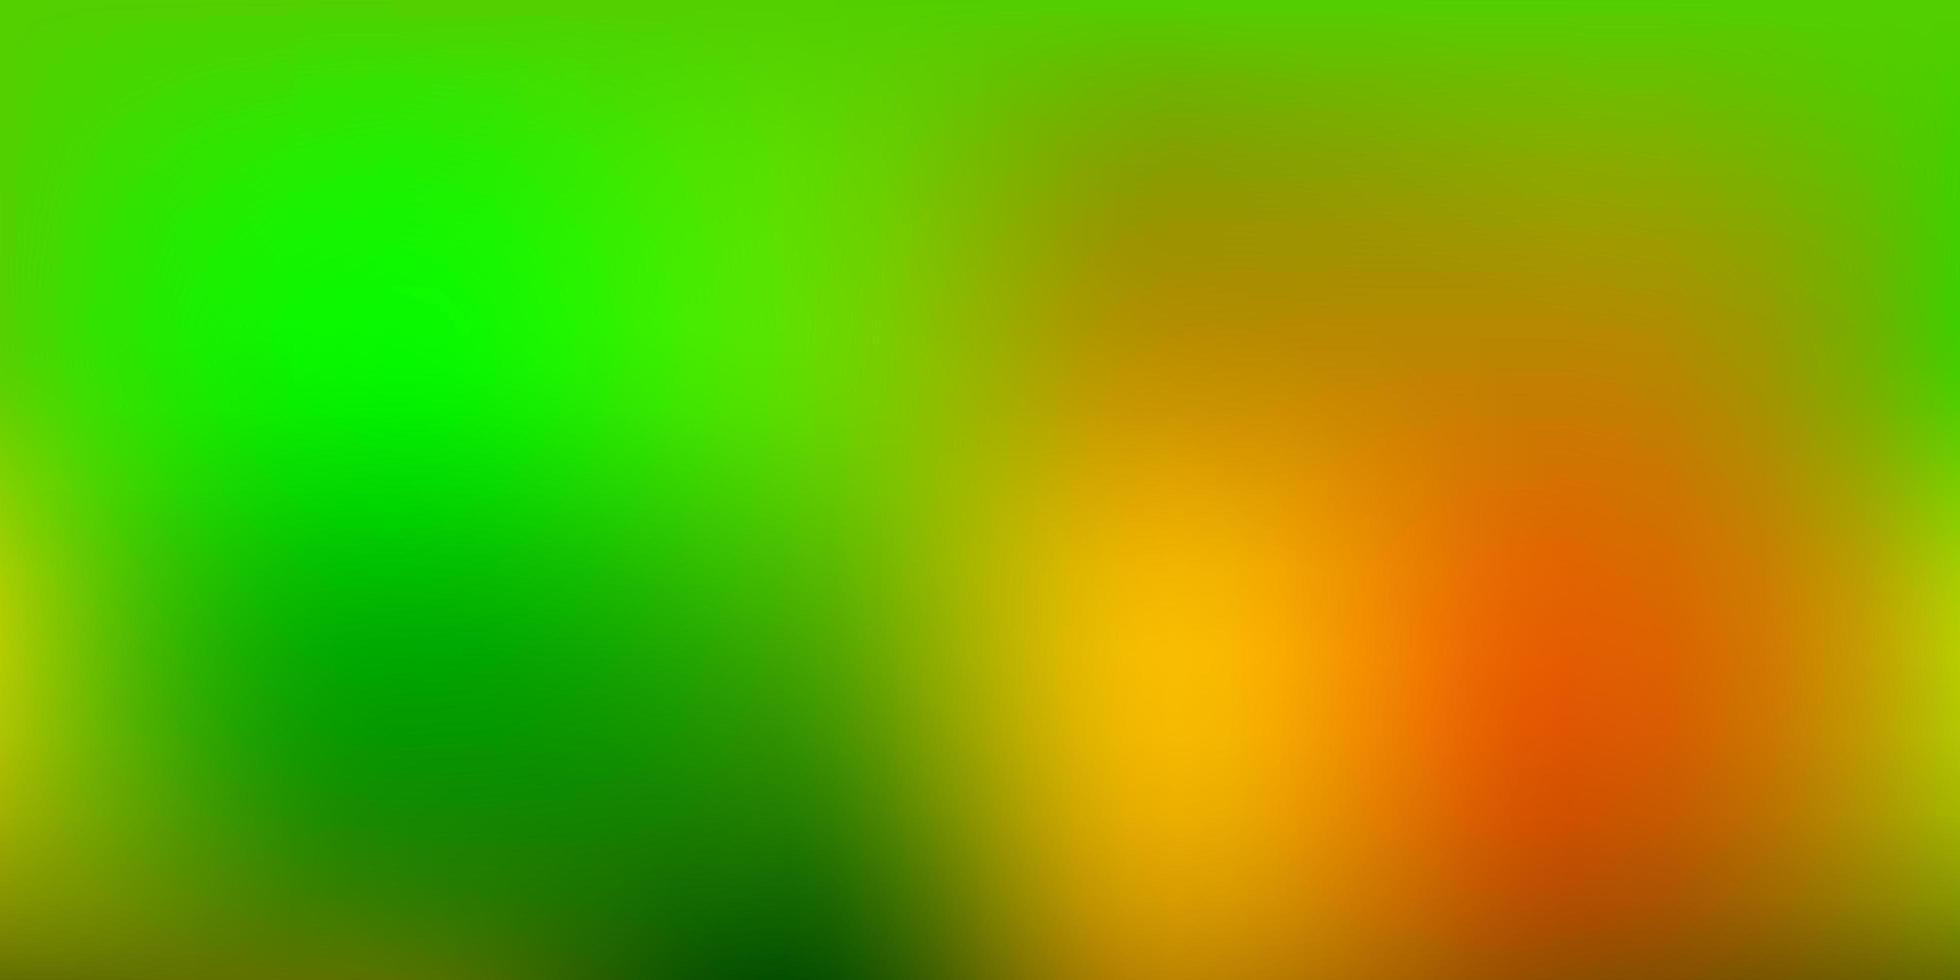 layout de borrão abstrato de vetor verde escuro e amarelo.